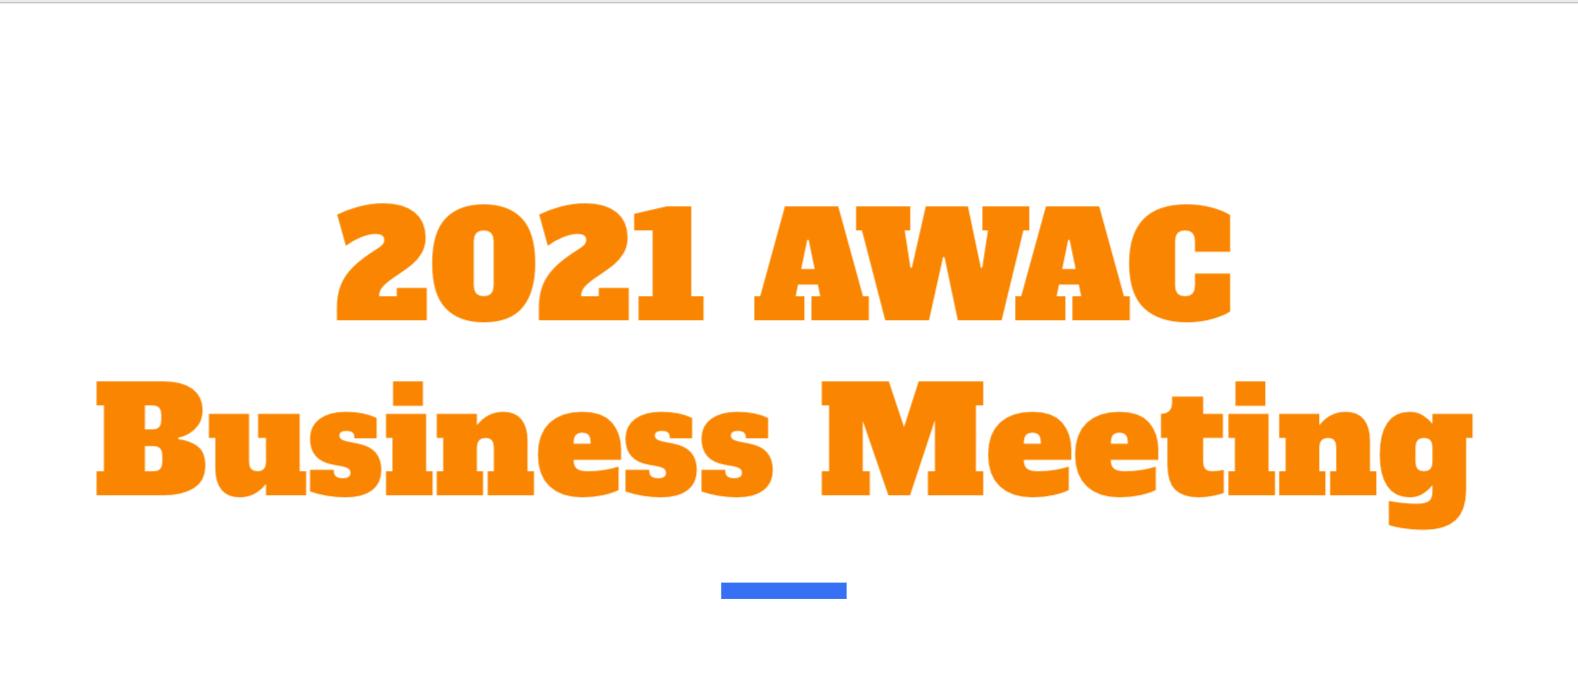 AWAC Business Meeting image